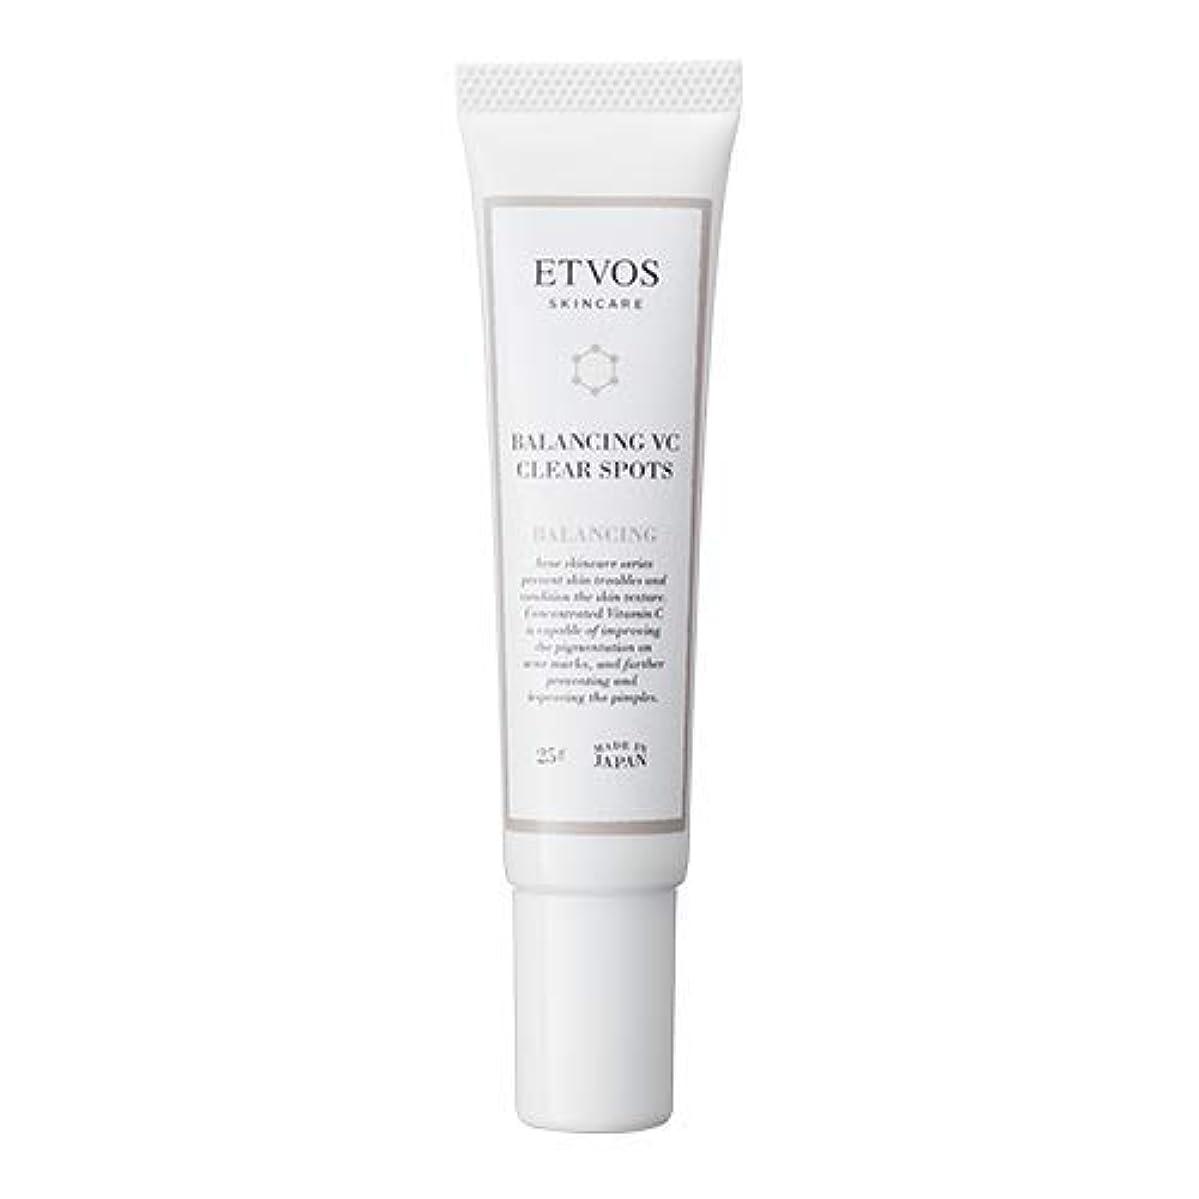 建築いつもメインETVOS(エトヴォス) 肌荒れ防止美容液 バランシングVCクリアスポッツ 25g アゼライン酸 おでこ/あご/頭皮